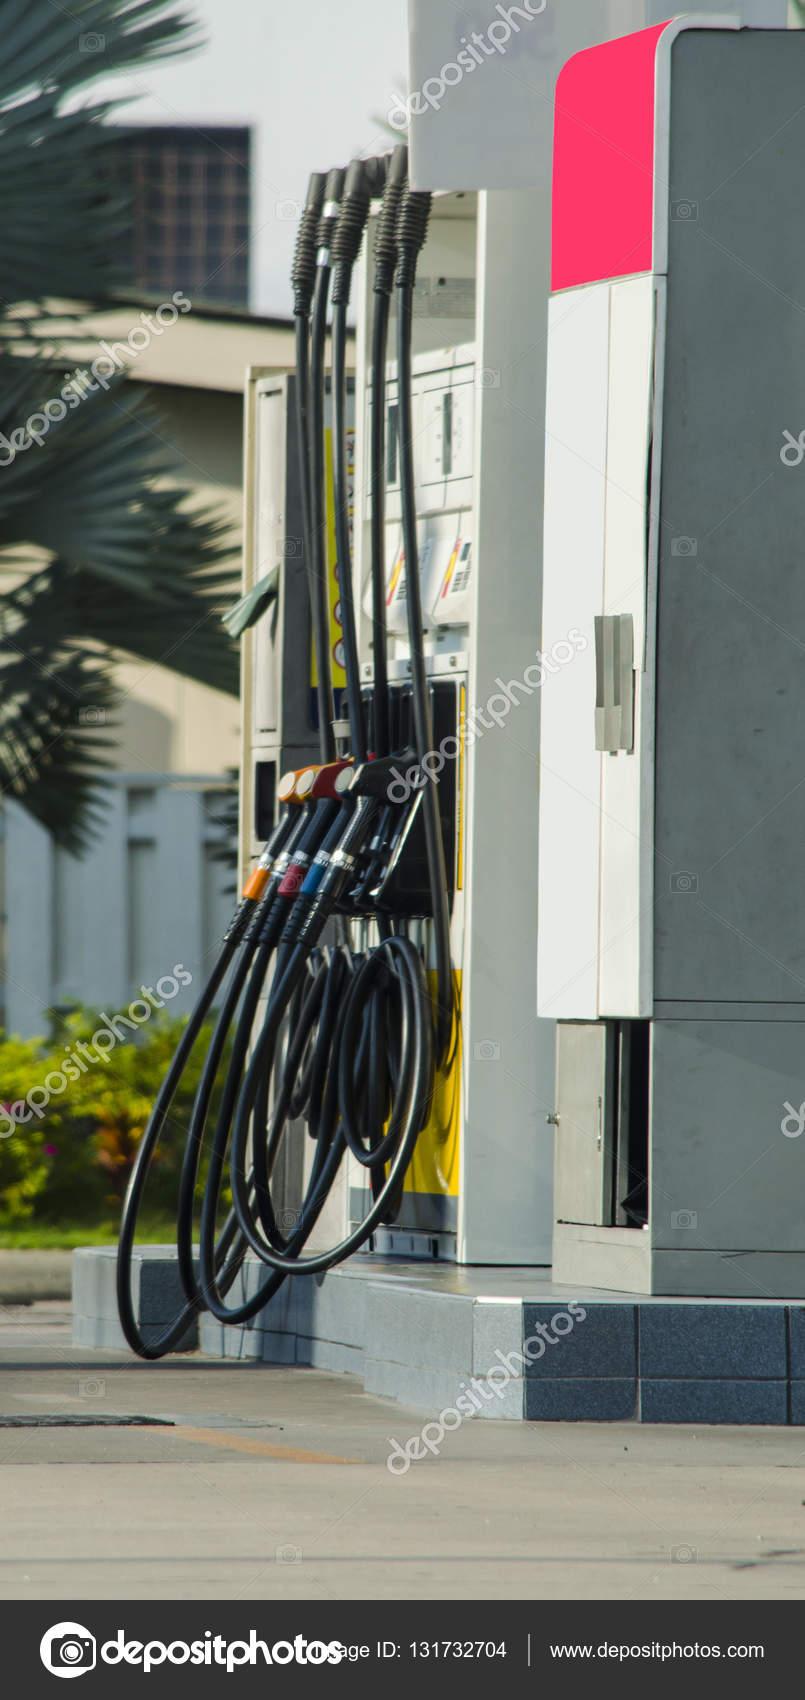 2e480c3ad402 Estación Gas Para Petróleo Diesel Gasolina Aceite Tailandia — Foto de Stock